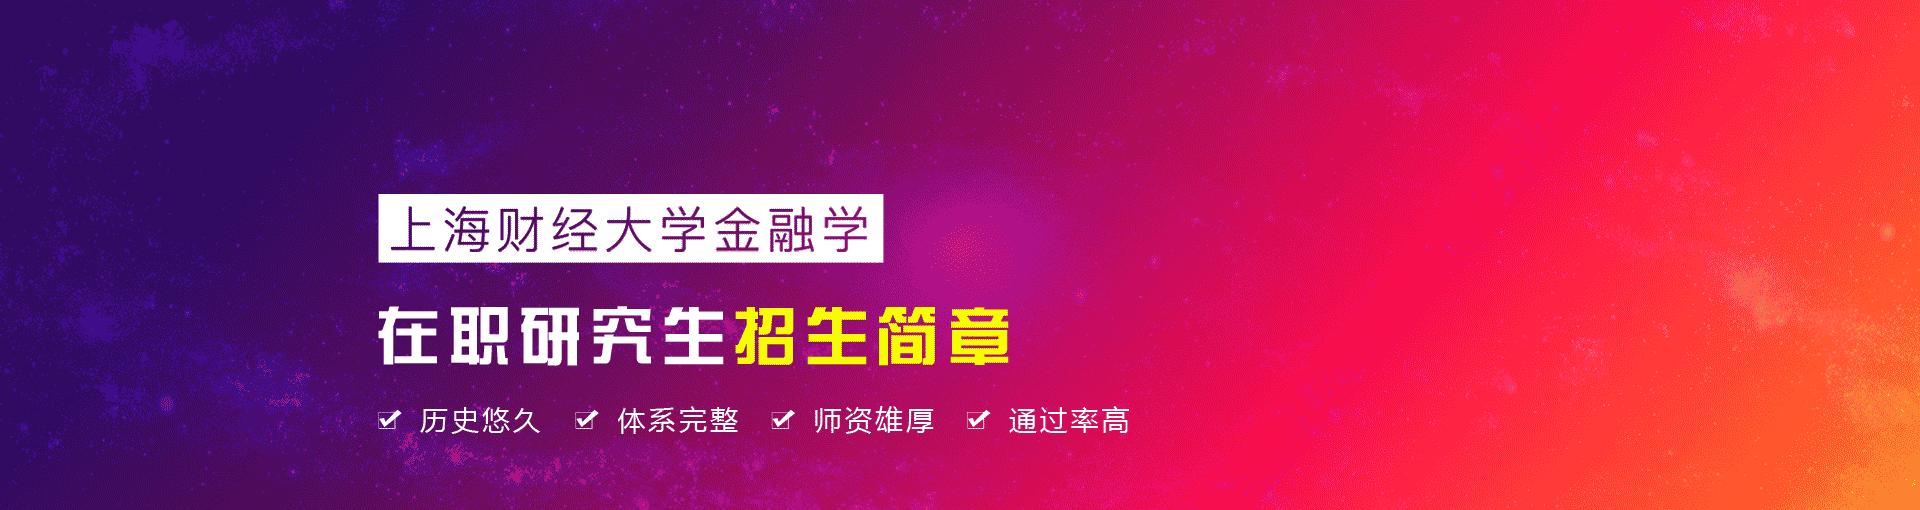 上海财经大学金融学在职研究生招生简章